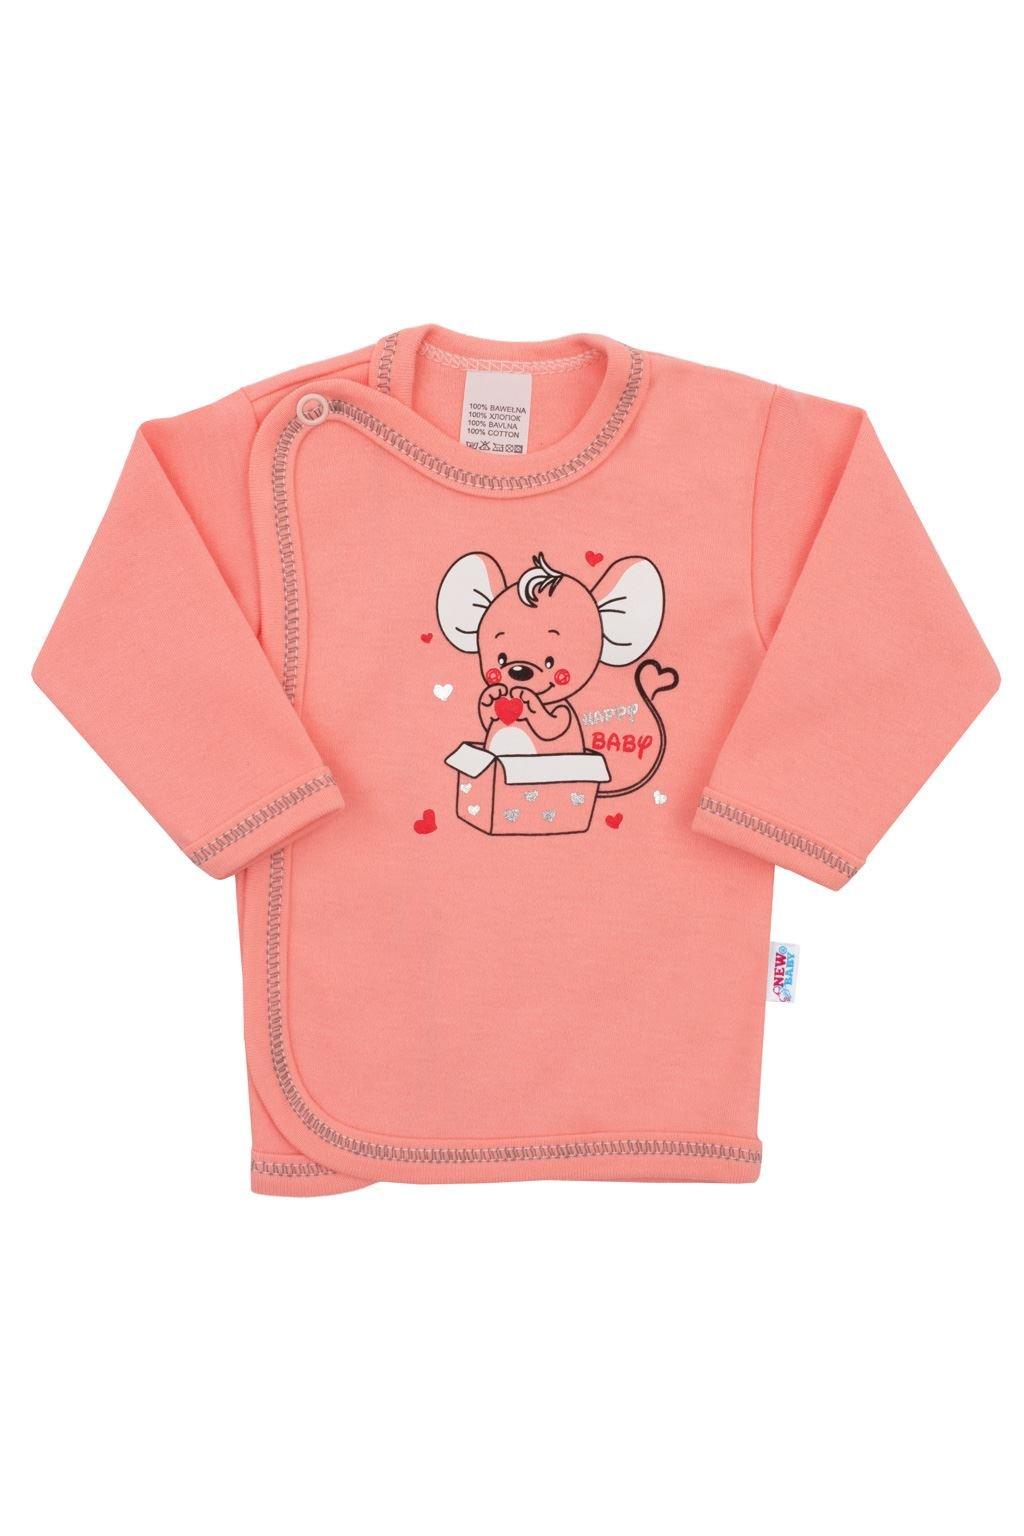 Dojčenská košieľka New Baby Mouse lososová NJSK 27073